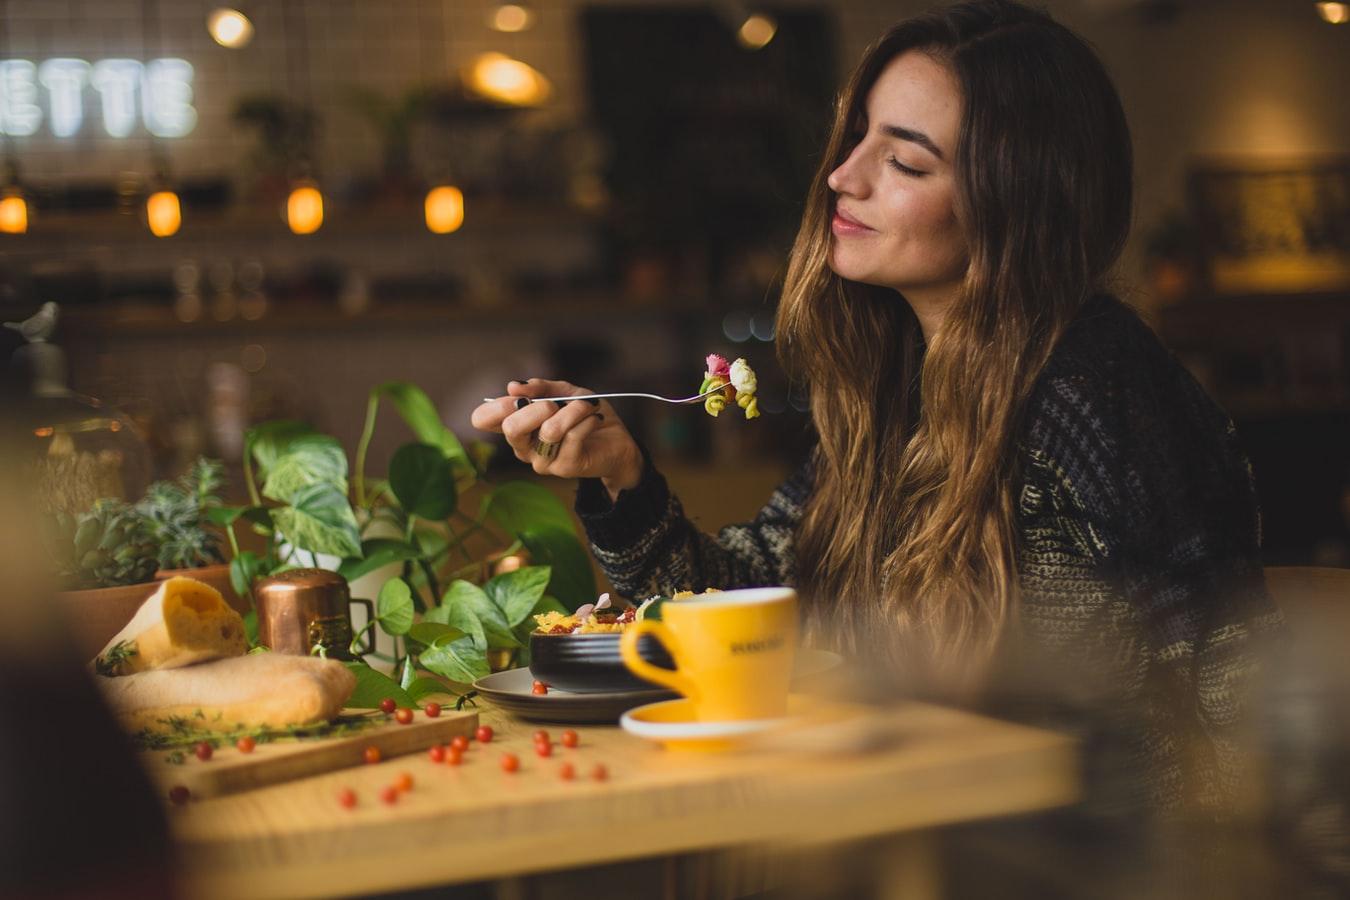 Uvedomelé stravovanie alebo všímavosť pri jedle pomáha zníženiu váhy, zlepšuje náladu i trávenie. / Zdroj: Unsplash